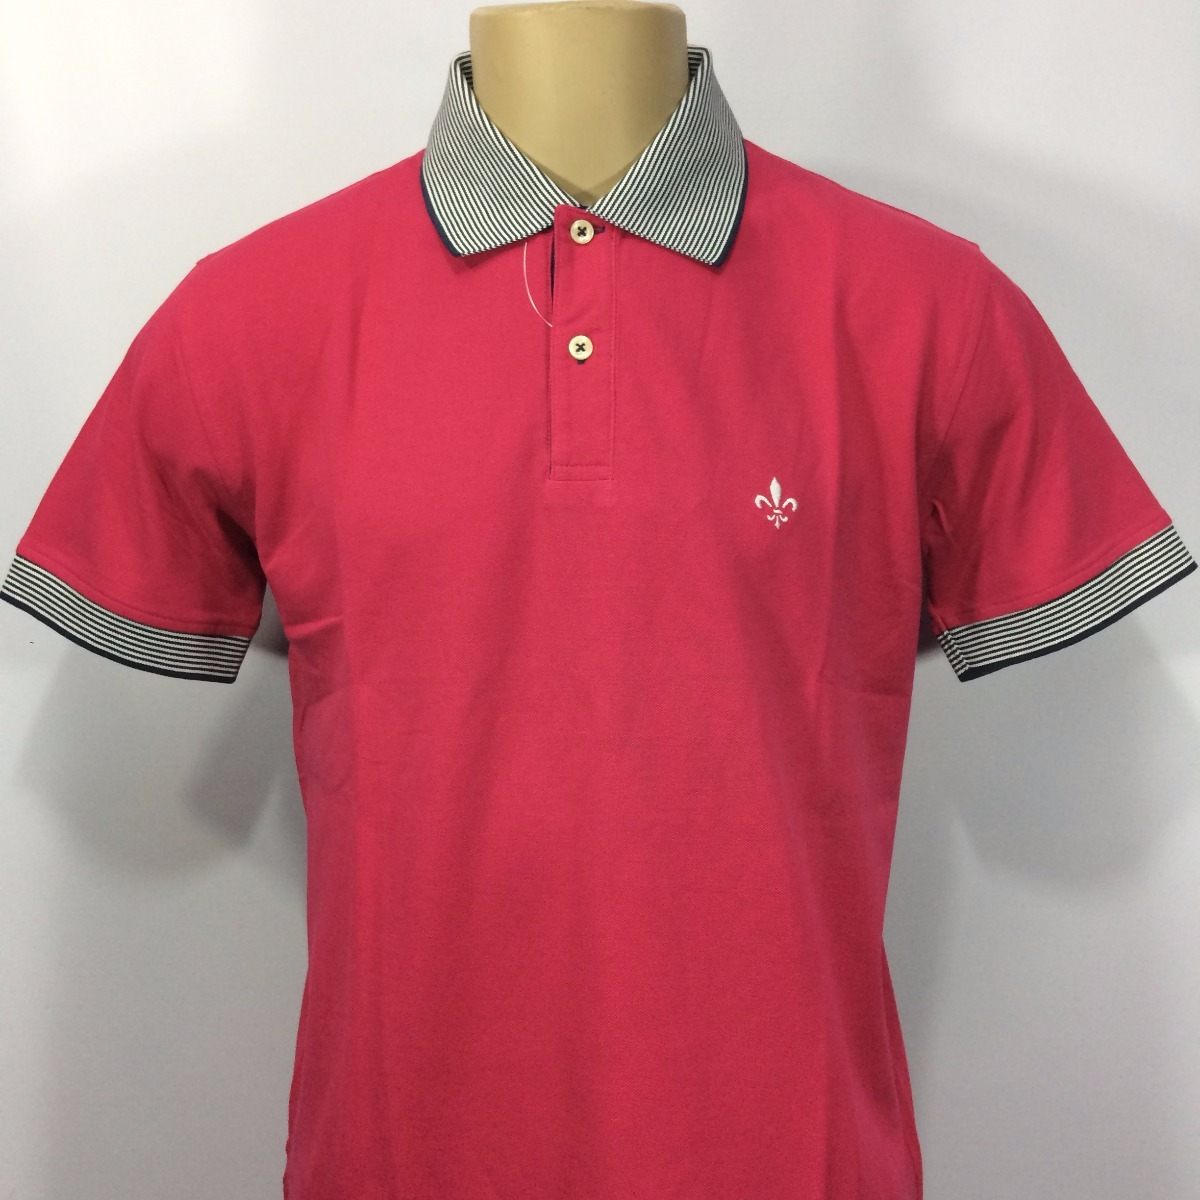 camisa polo dudalina sport algodão pima varias cores. Carregando zoom. 210462e147c12